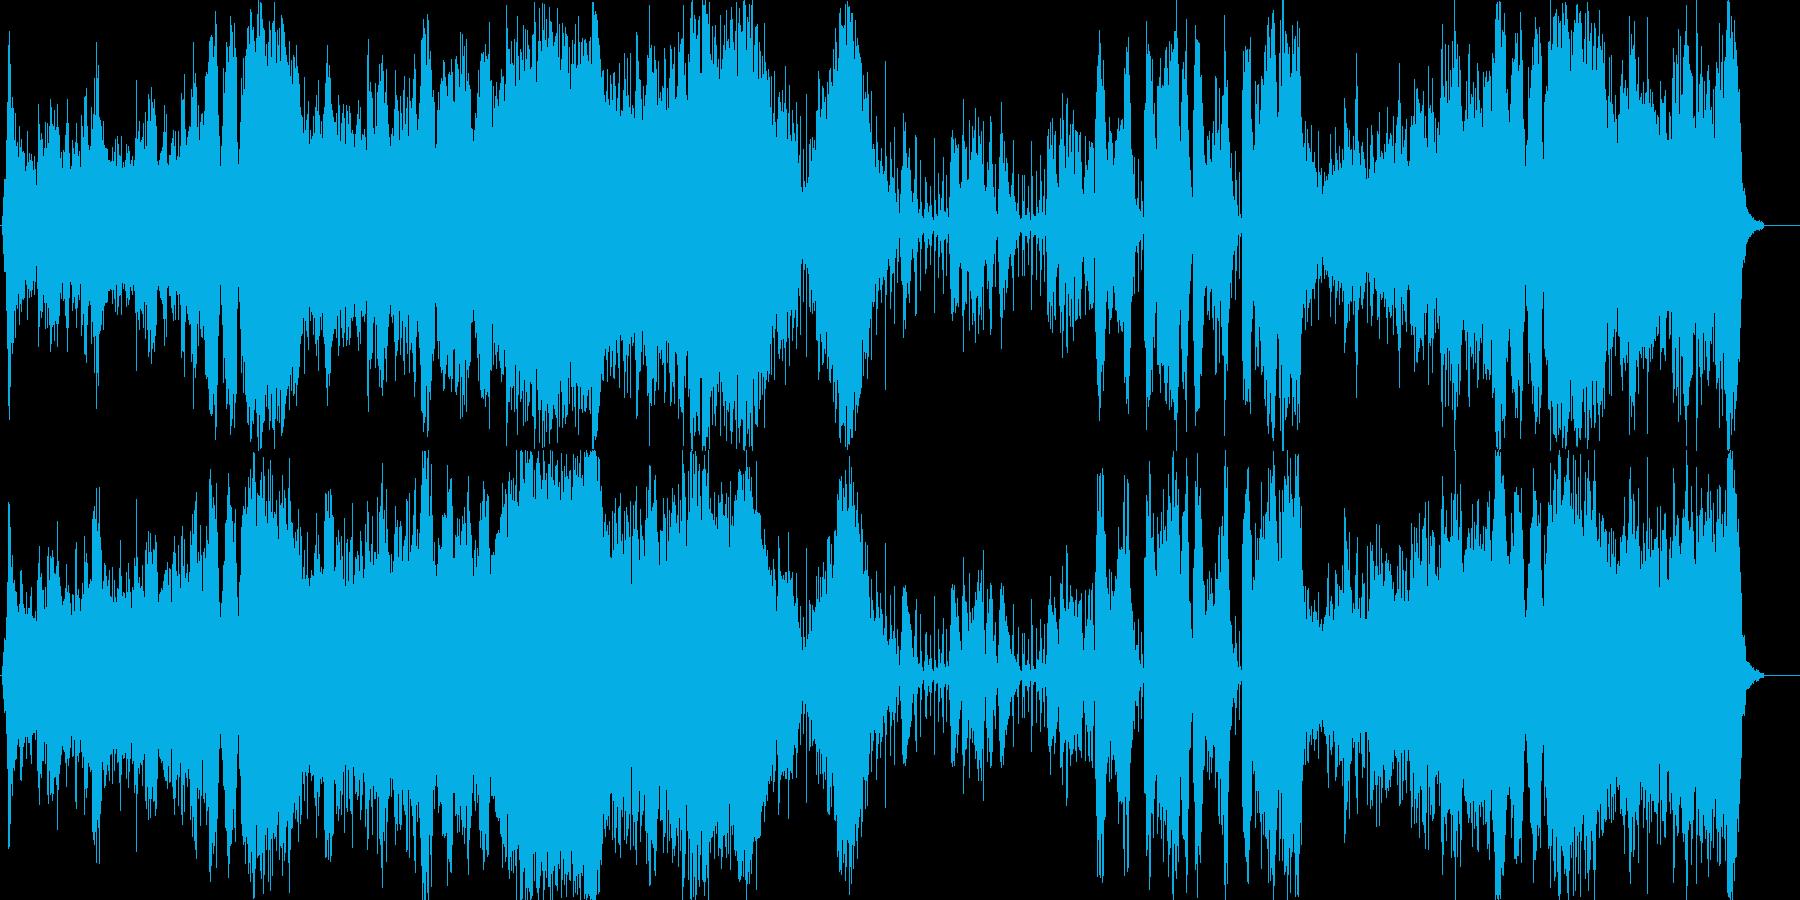 恐怖・敵から逃れるフィルムミュージックの再生済みの波形